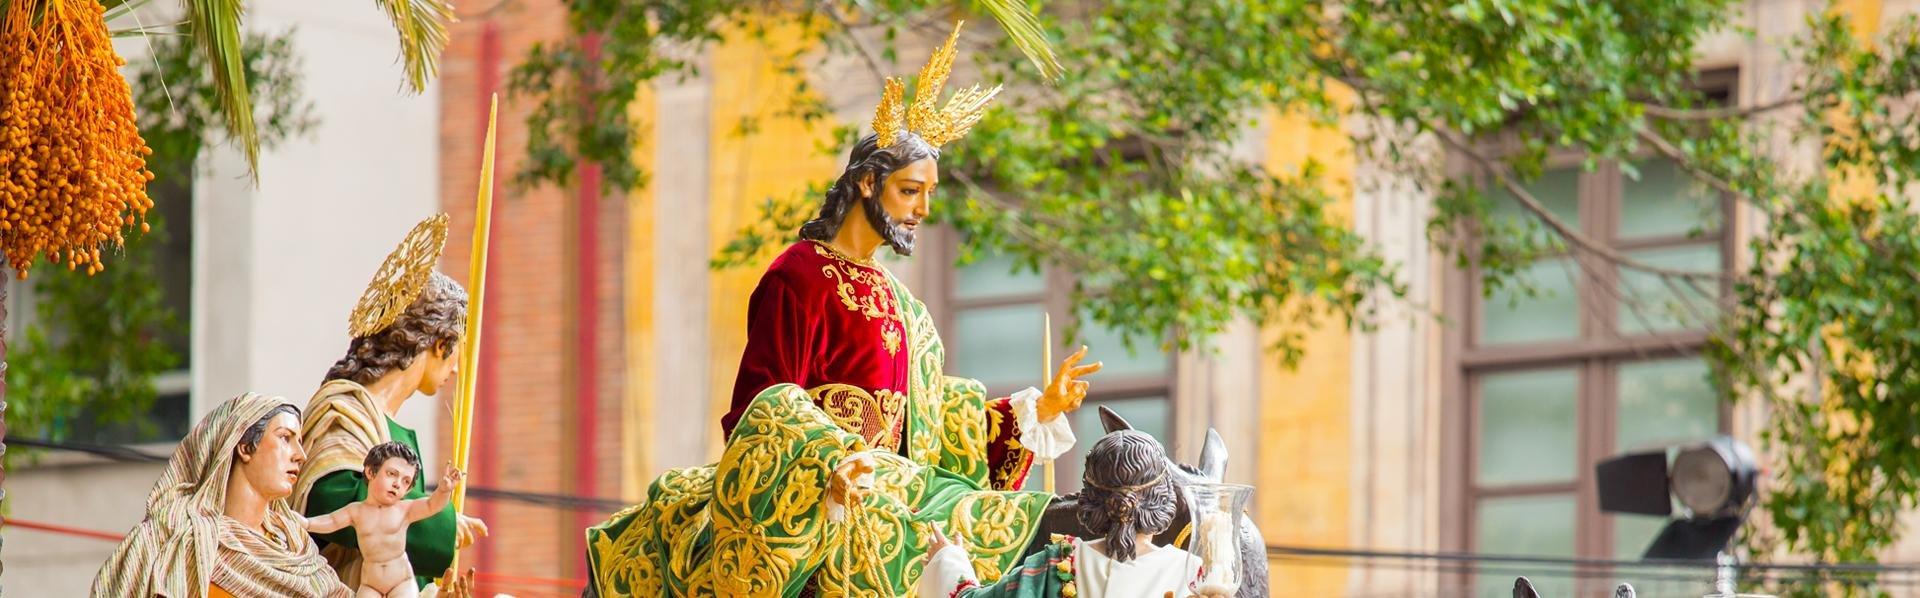 Processie tijdens de Semana Santa in Sevilla, Andalusië, Spanje